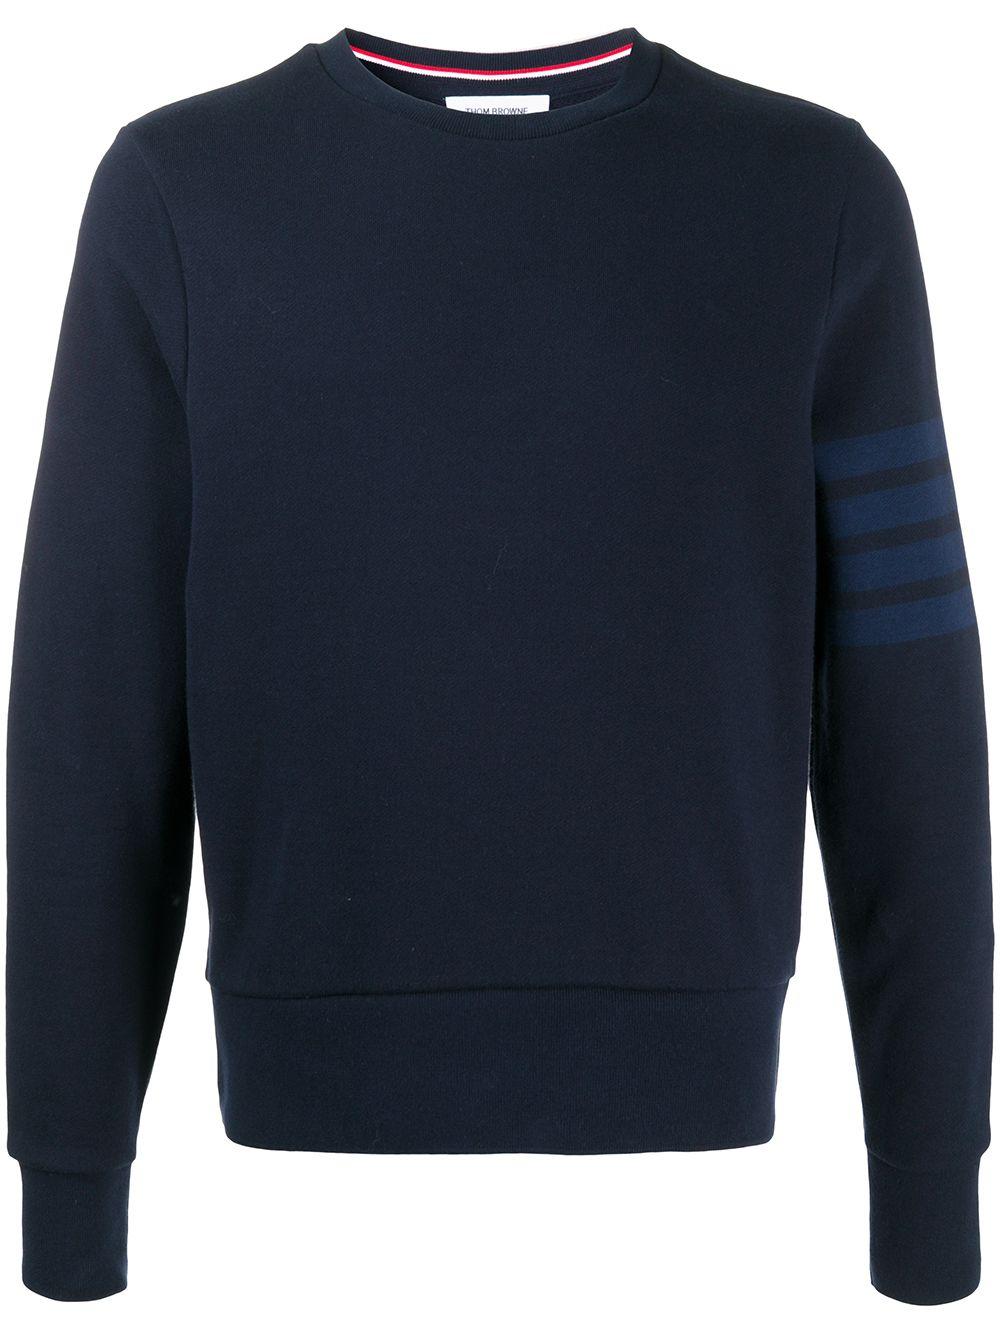 Thom Browne Sweatshirt mit lockerem Schnitt - Blau